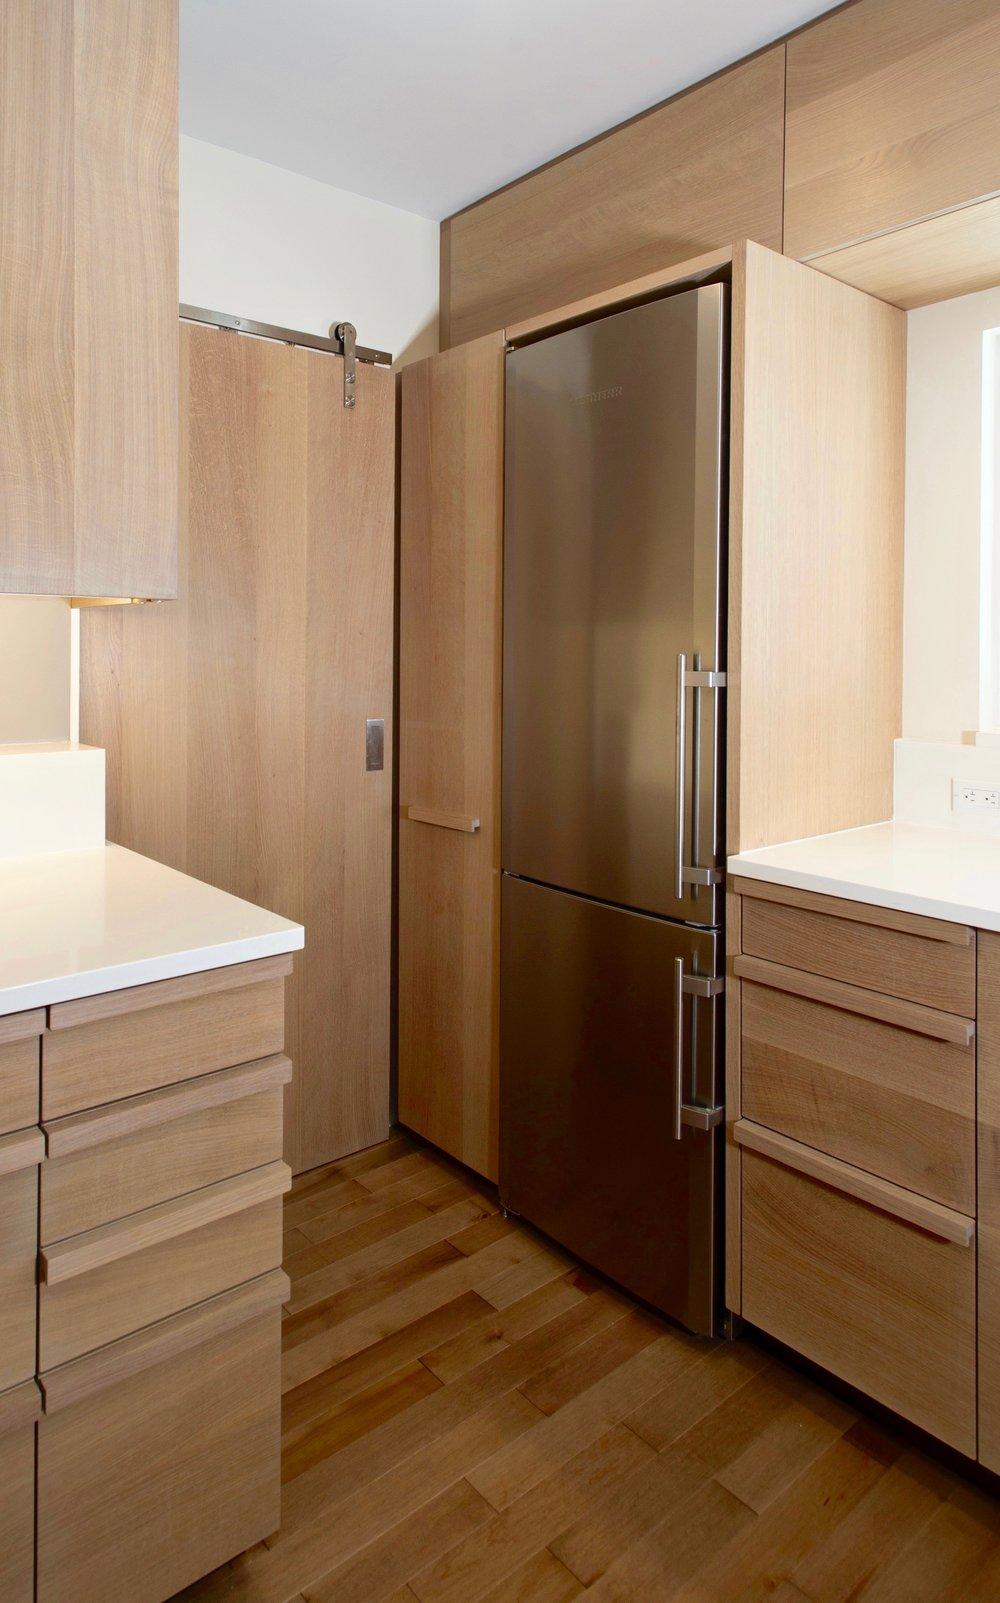 kitchen6 (or gallery) (1).jpg